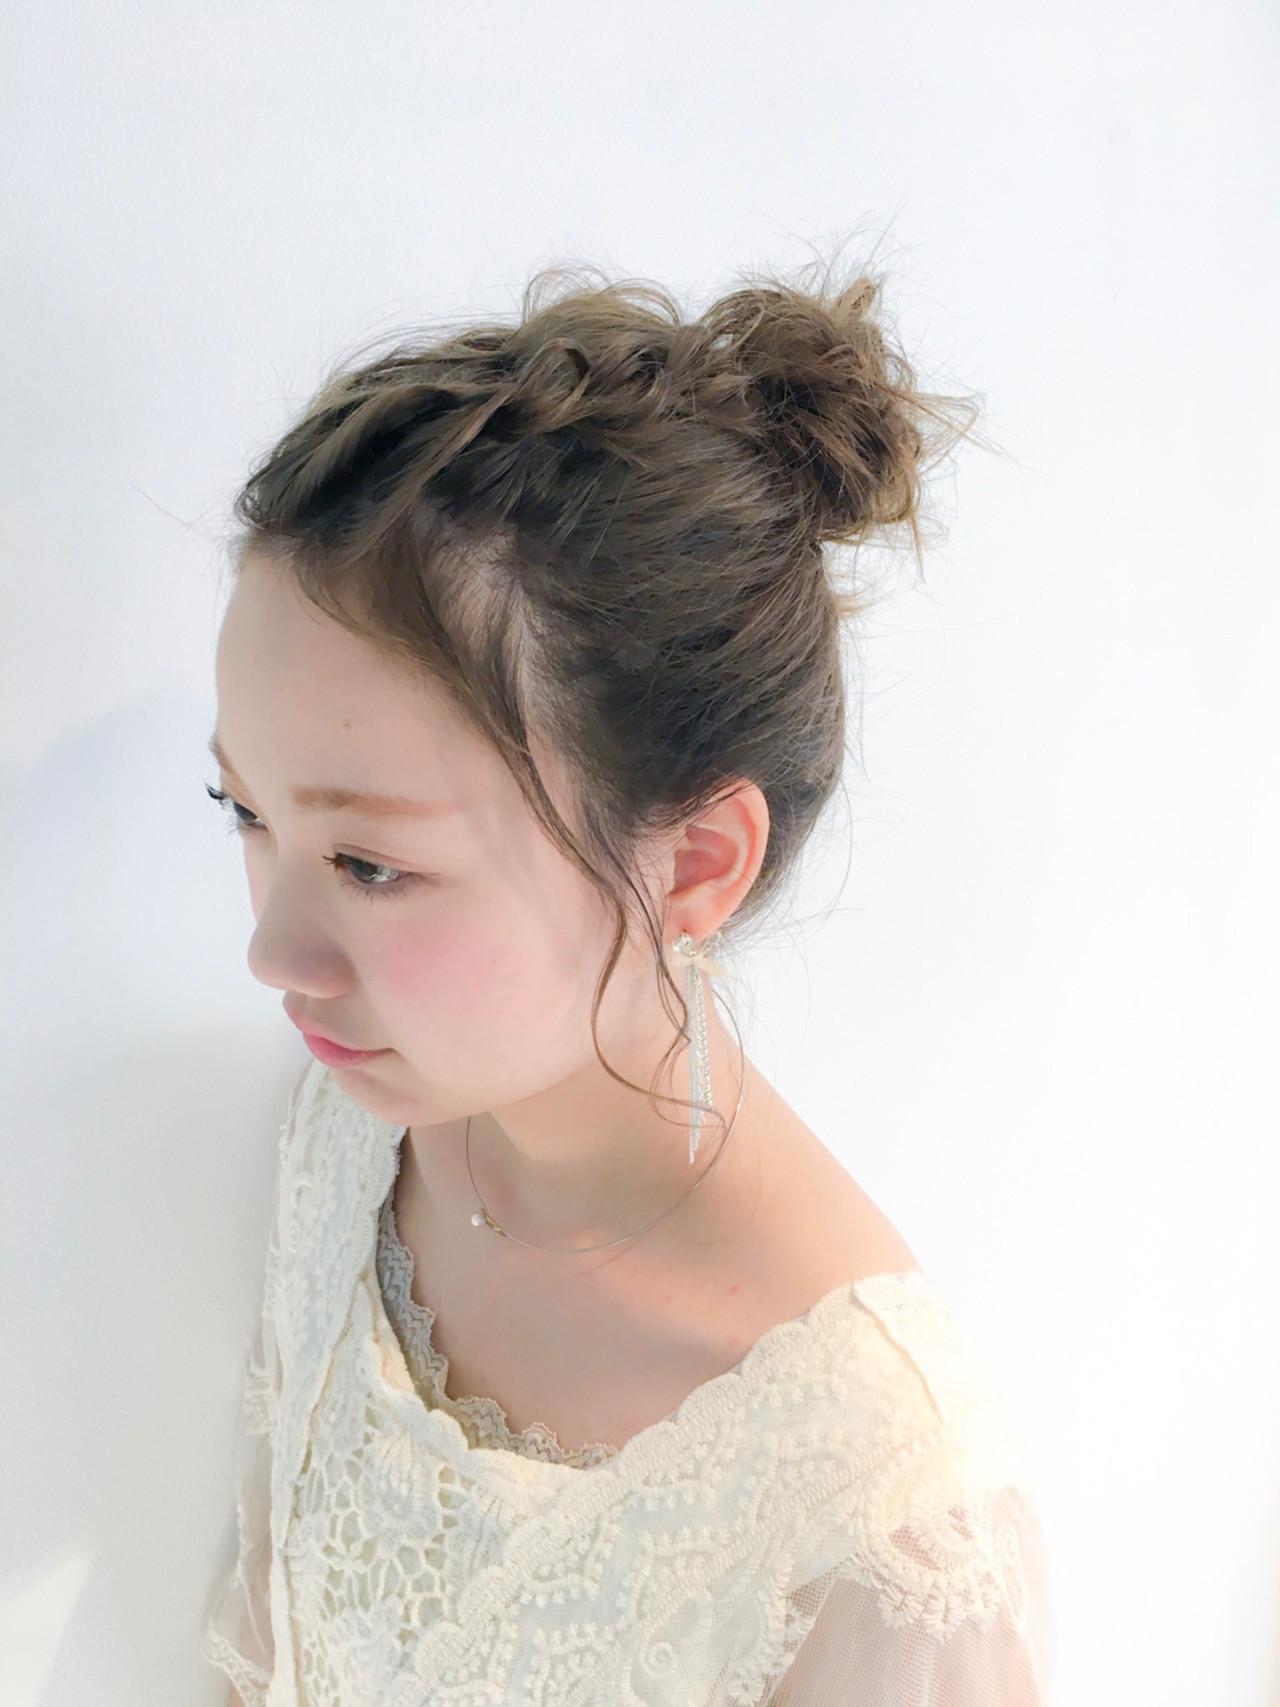 コンサートに行くならこの髪型!イベントがもっと楽しくなるヘアアレンジ集 美容師 HIRO